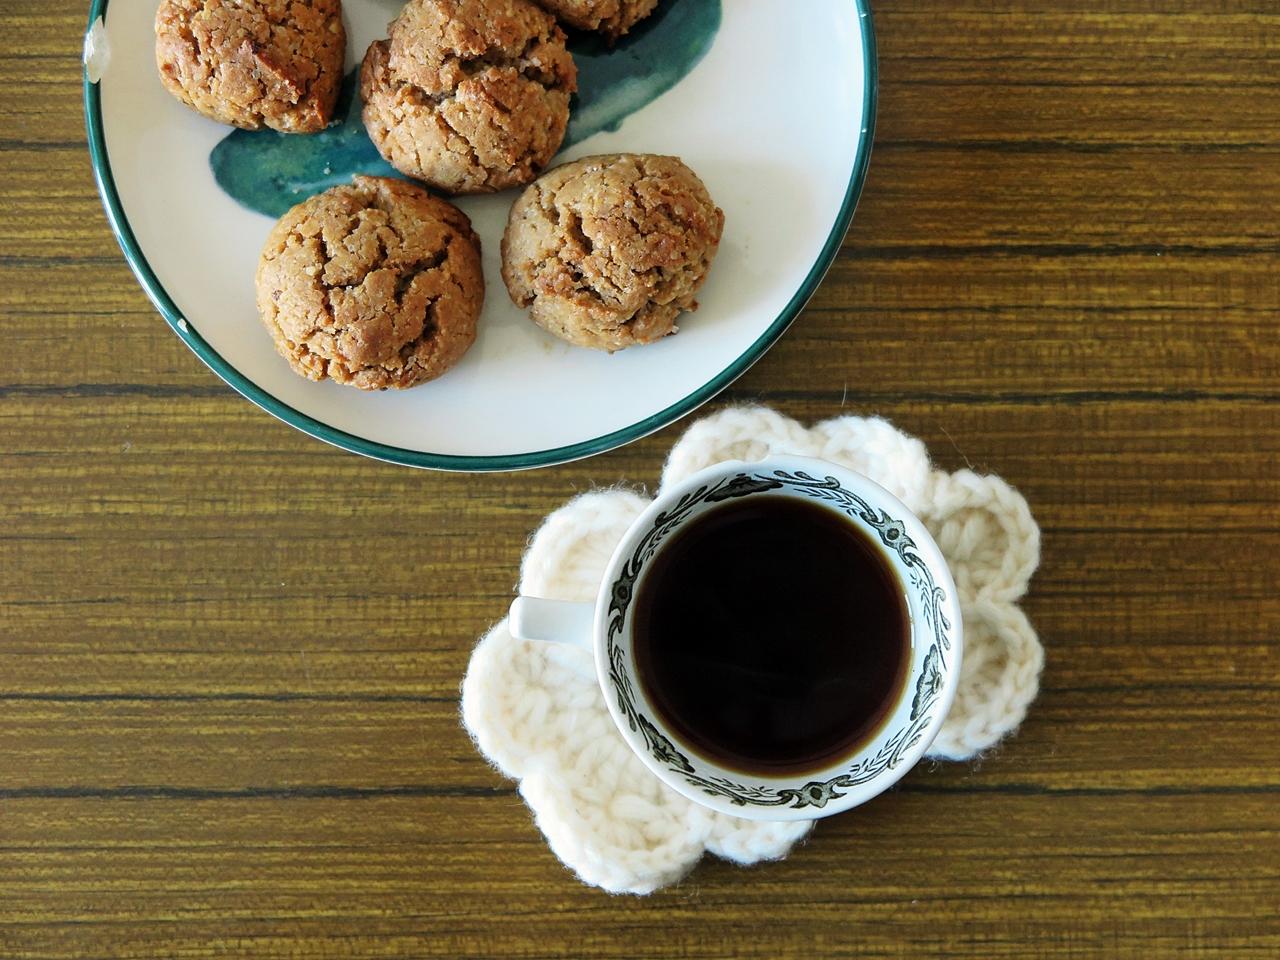 Biscuits à la noisette (vegan, sans gluten)